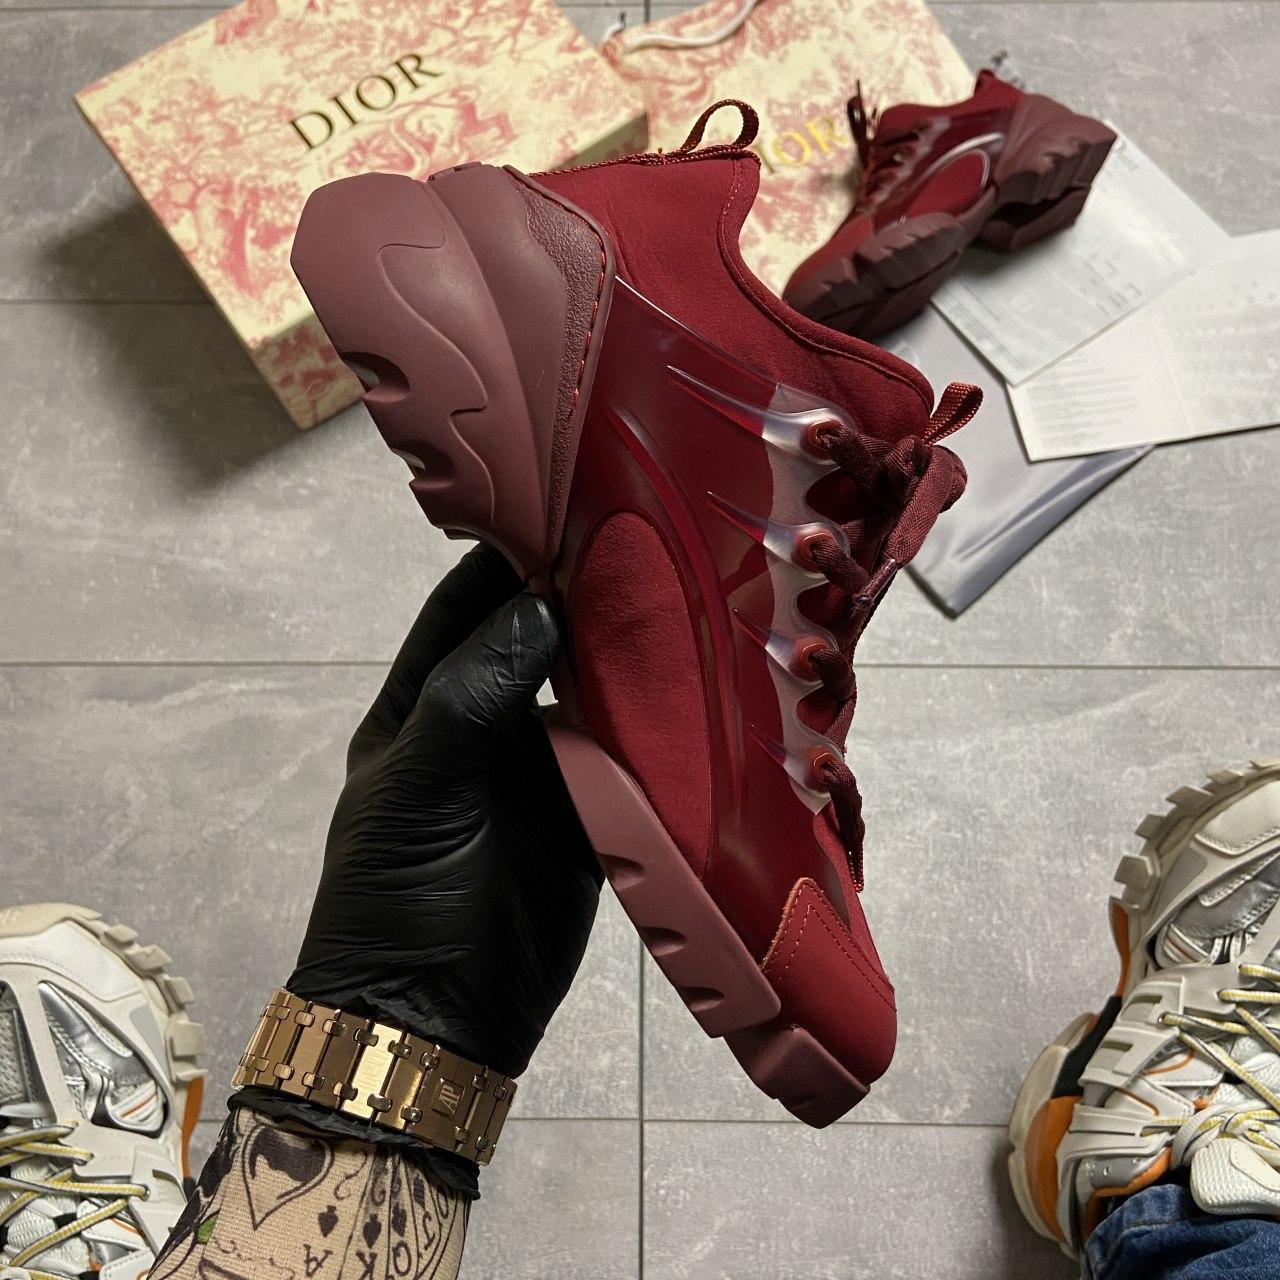 🔥 ВИДЕО ОБЗОР🔥 Christian Dior D-connect Диор Кристиан Д Коннект Красный 🔥 Диор женские кроссовки 🔥